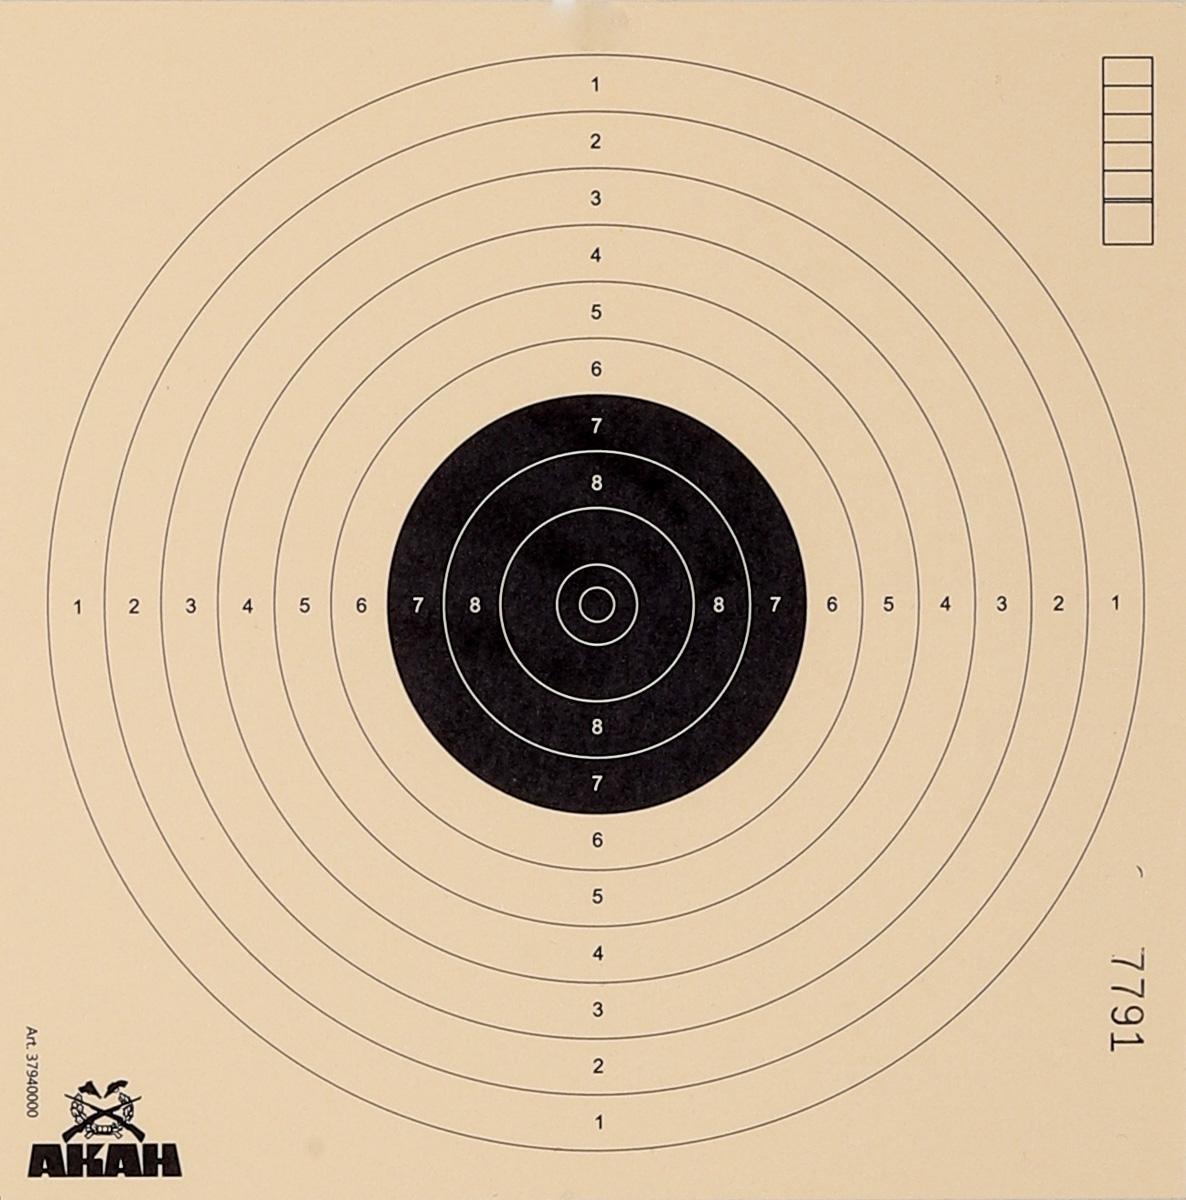 250x Scheibe 17x17 Luftpistole